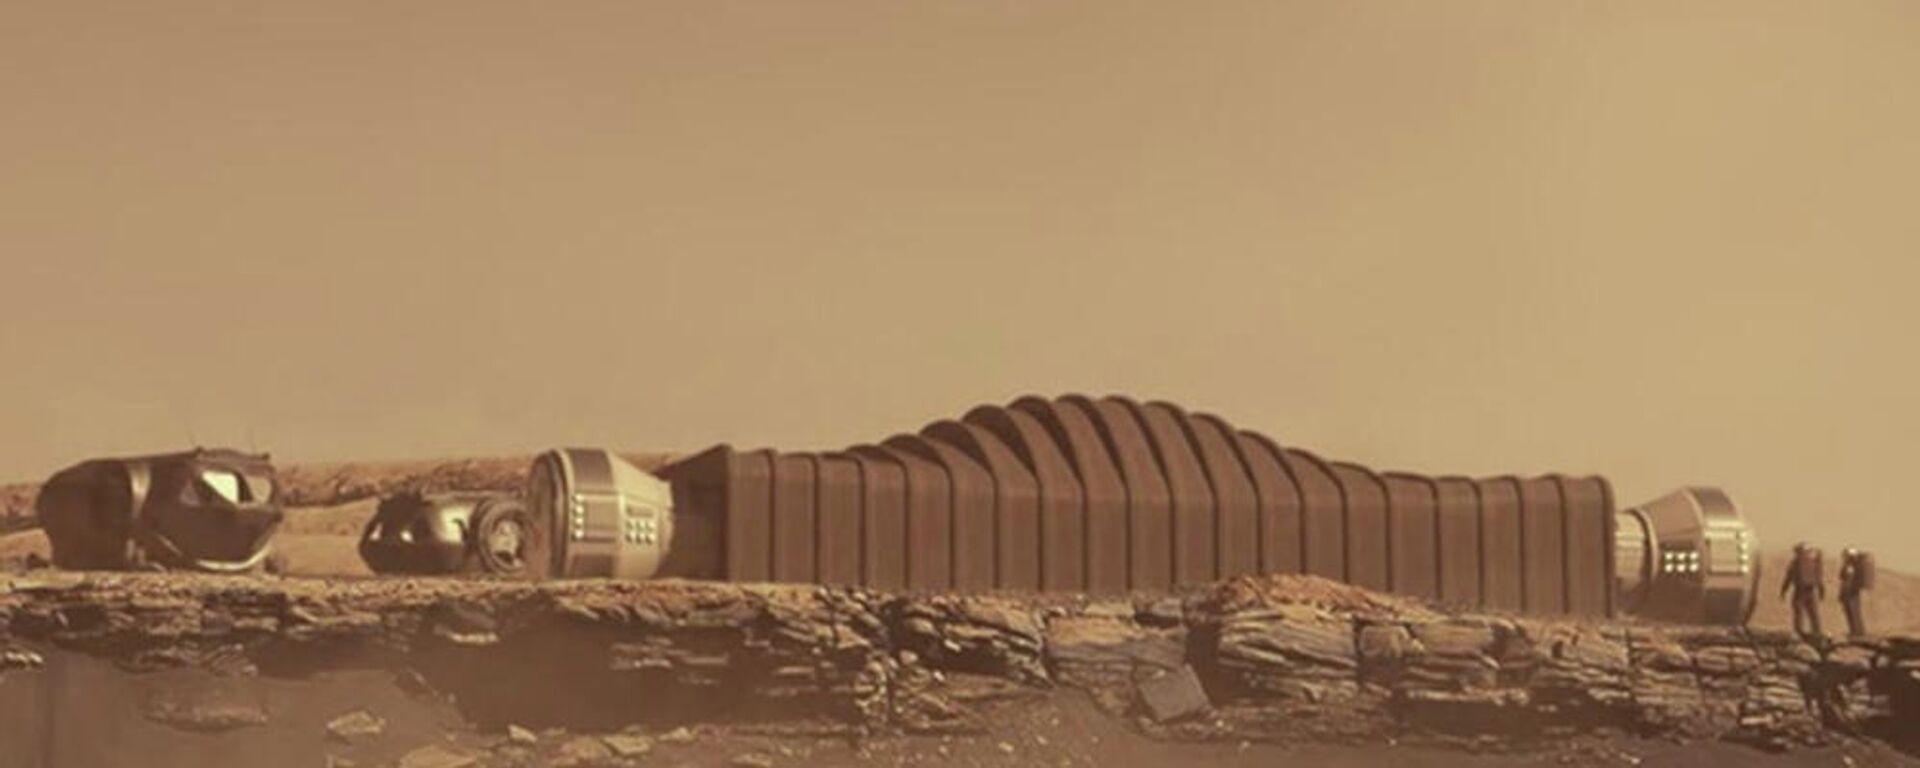 Η διαστημική βάση Mars Dune Alpha της NASA - Sputnik Ελλάδα, 1920, 14.08.2021